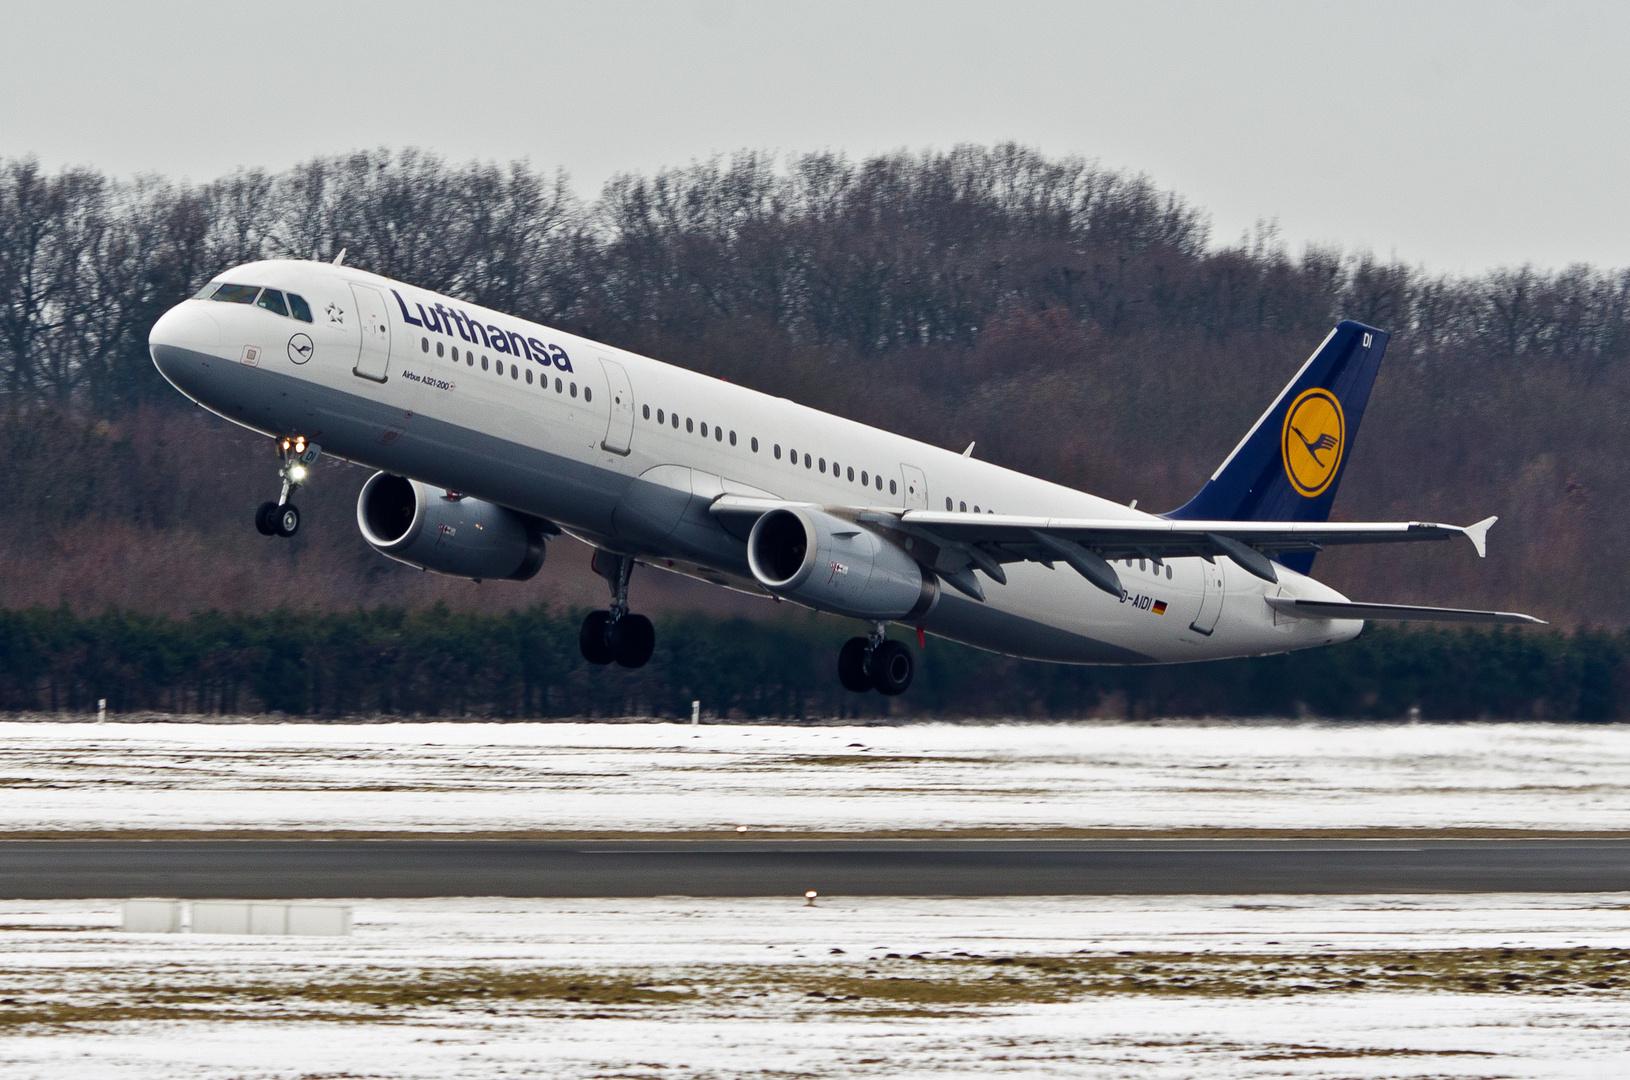 Lufthansa Airbus A321-231